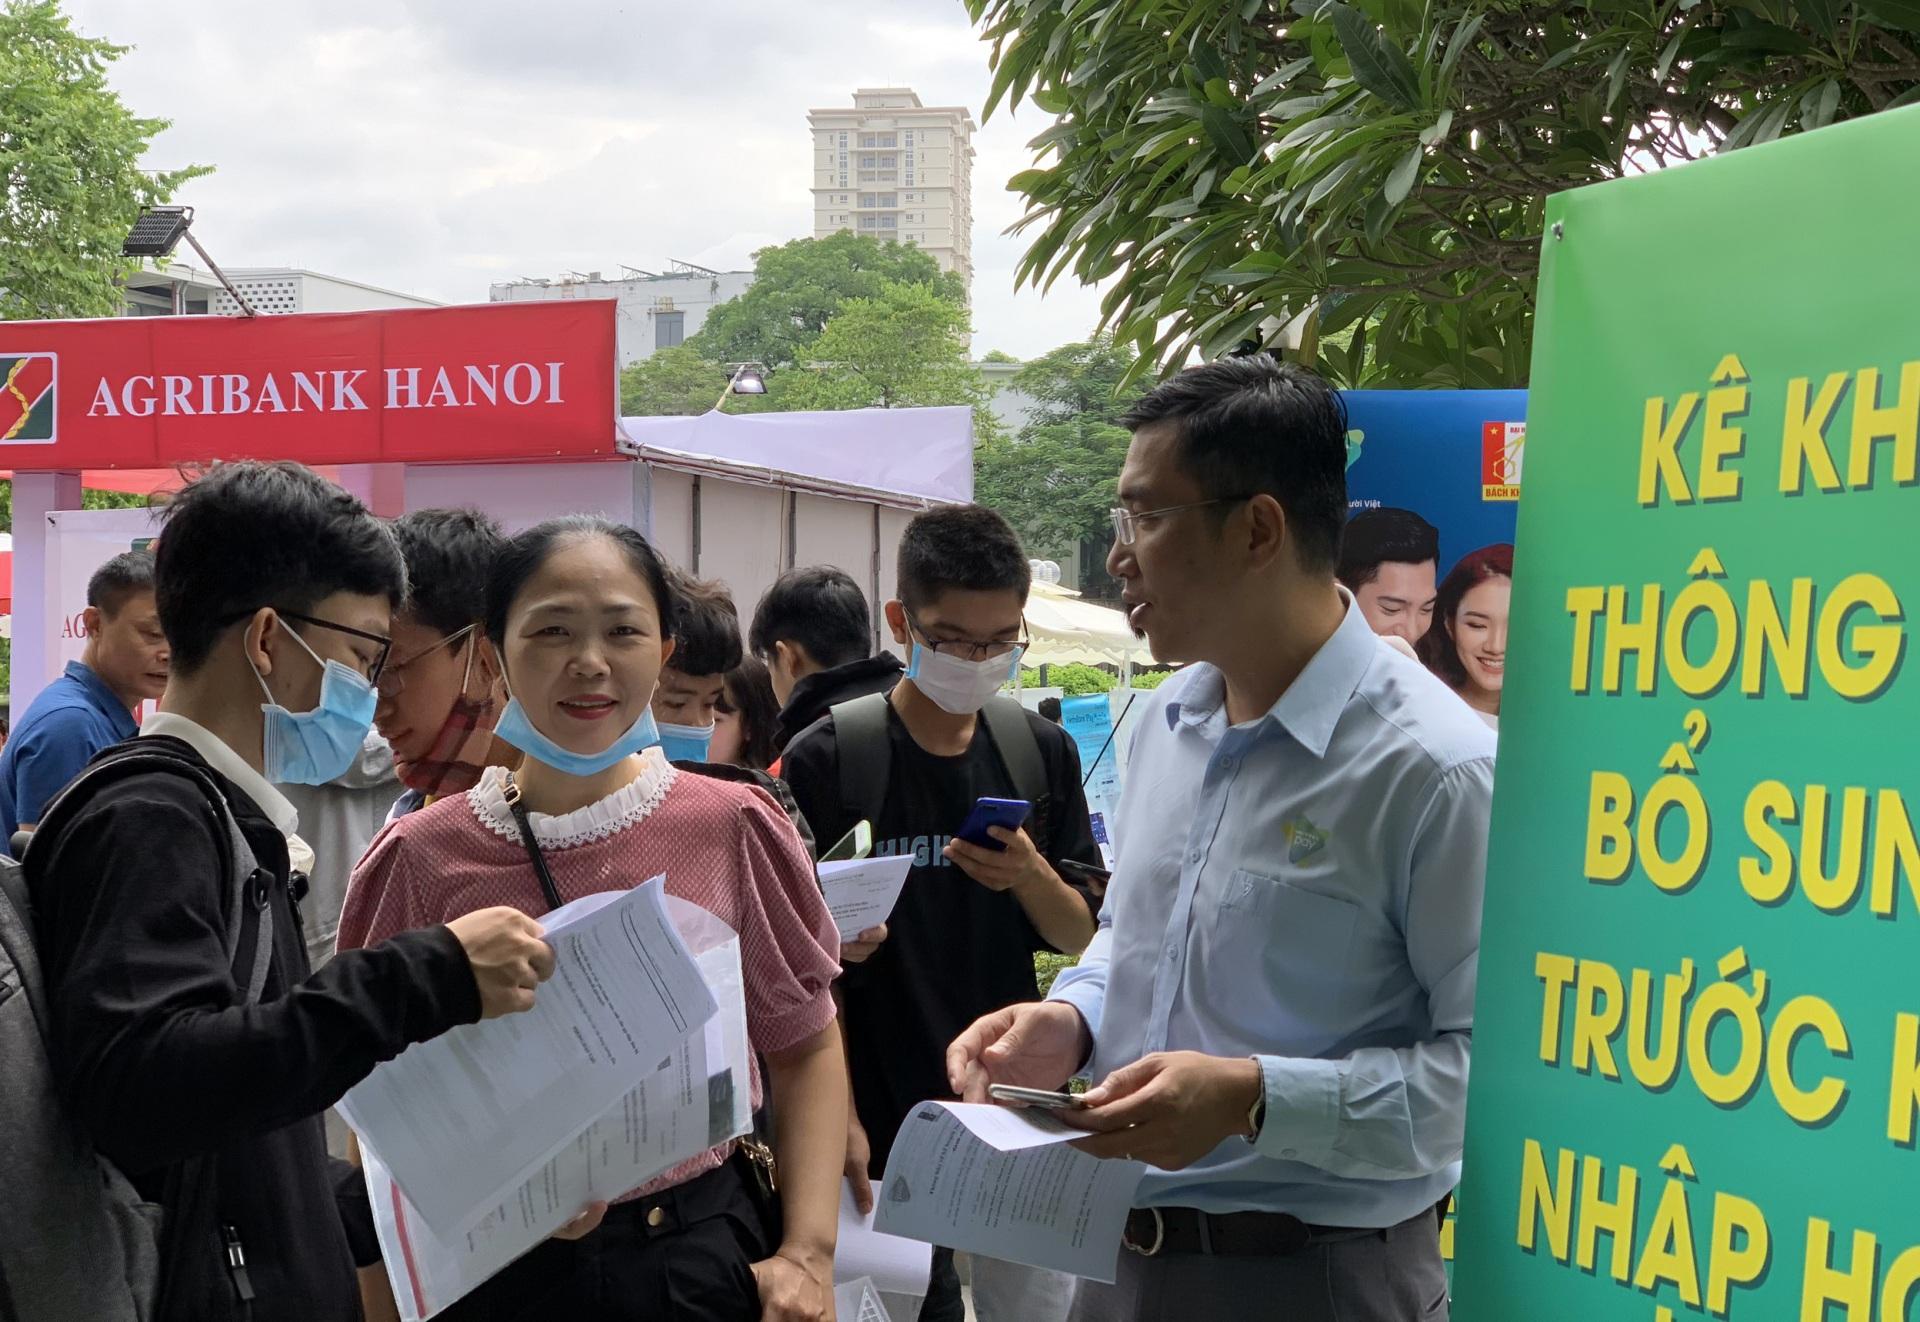 Trường Đại học Bách khoa triển khai cho sinh viên đóng học phí qua ứng dụng ViettelPay